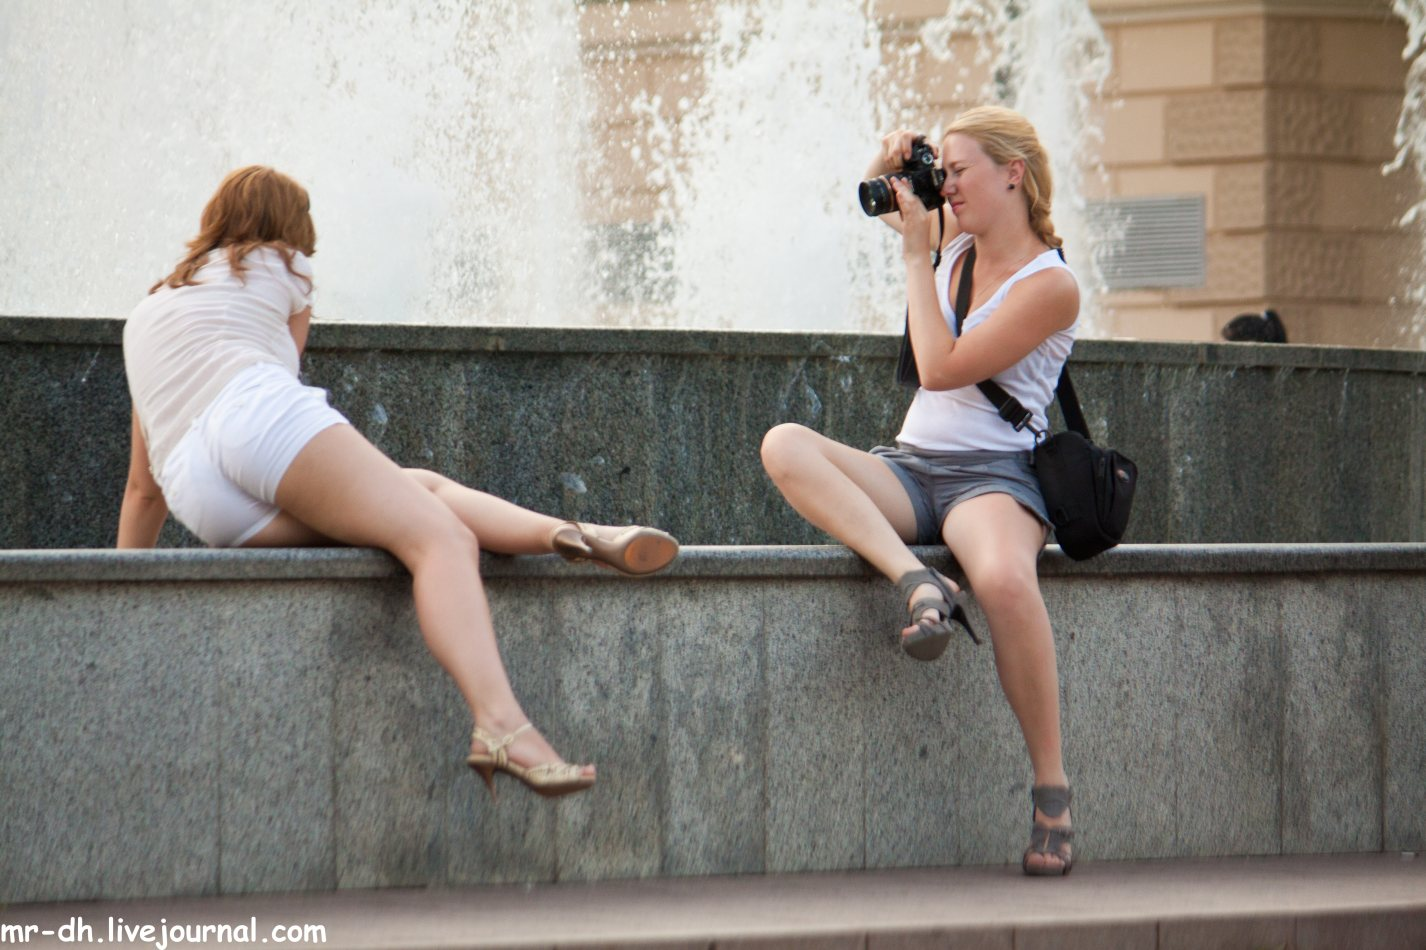 Ххх сняли на улице за деньги 6 фотография